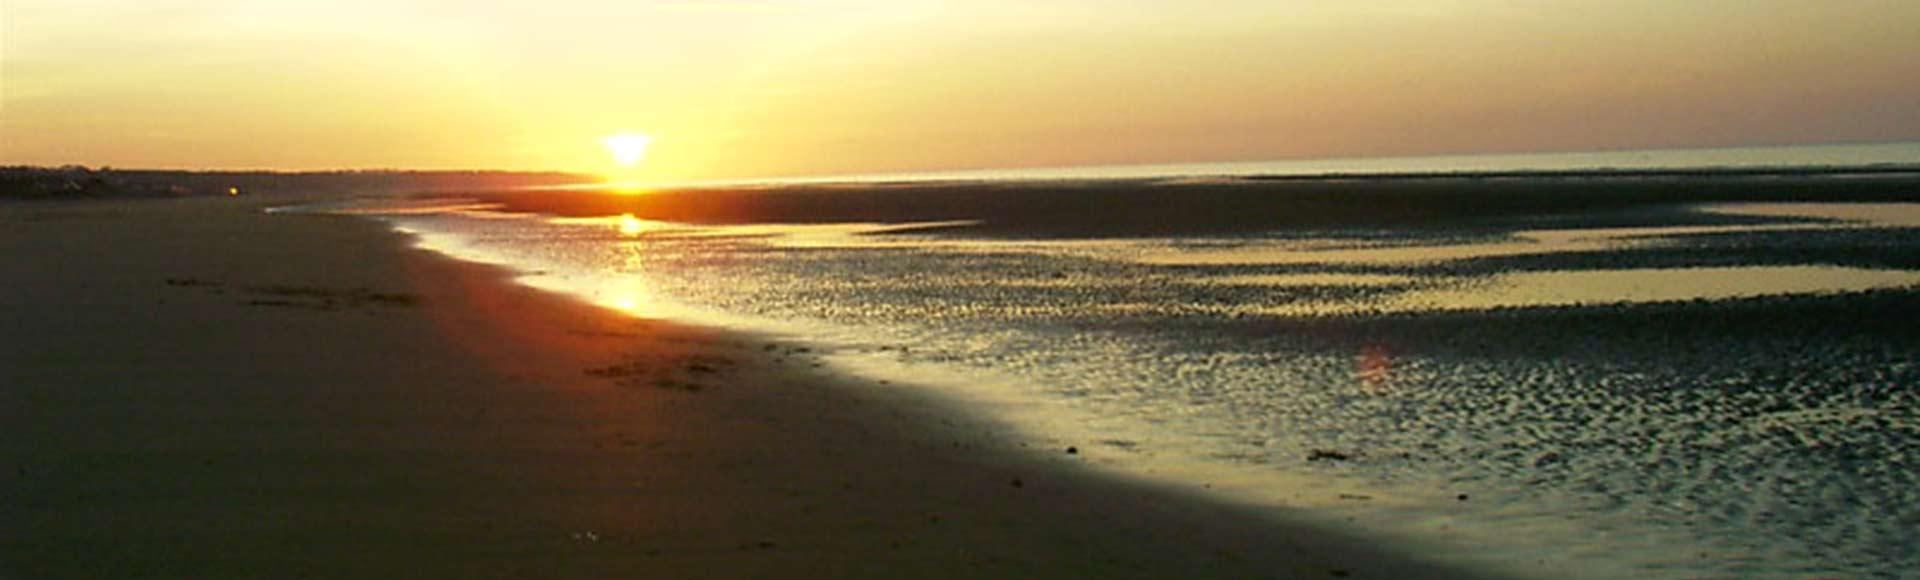 Omaha Beach : une plage chargée d'histoire !